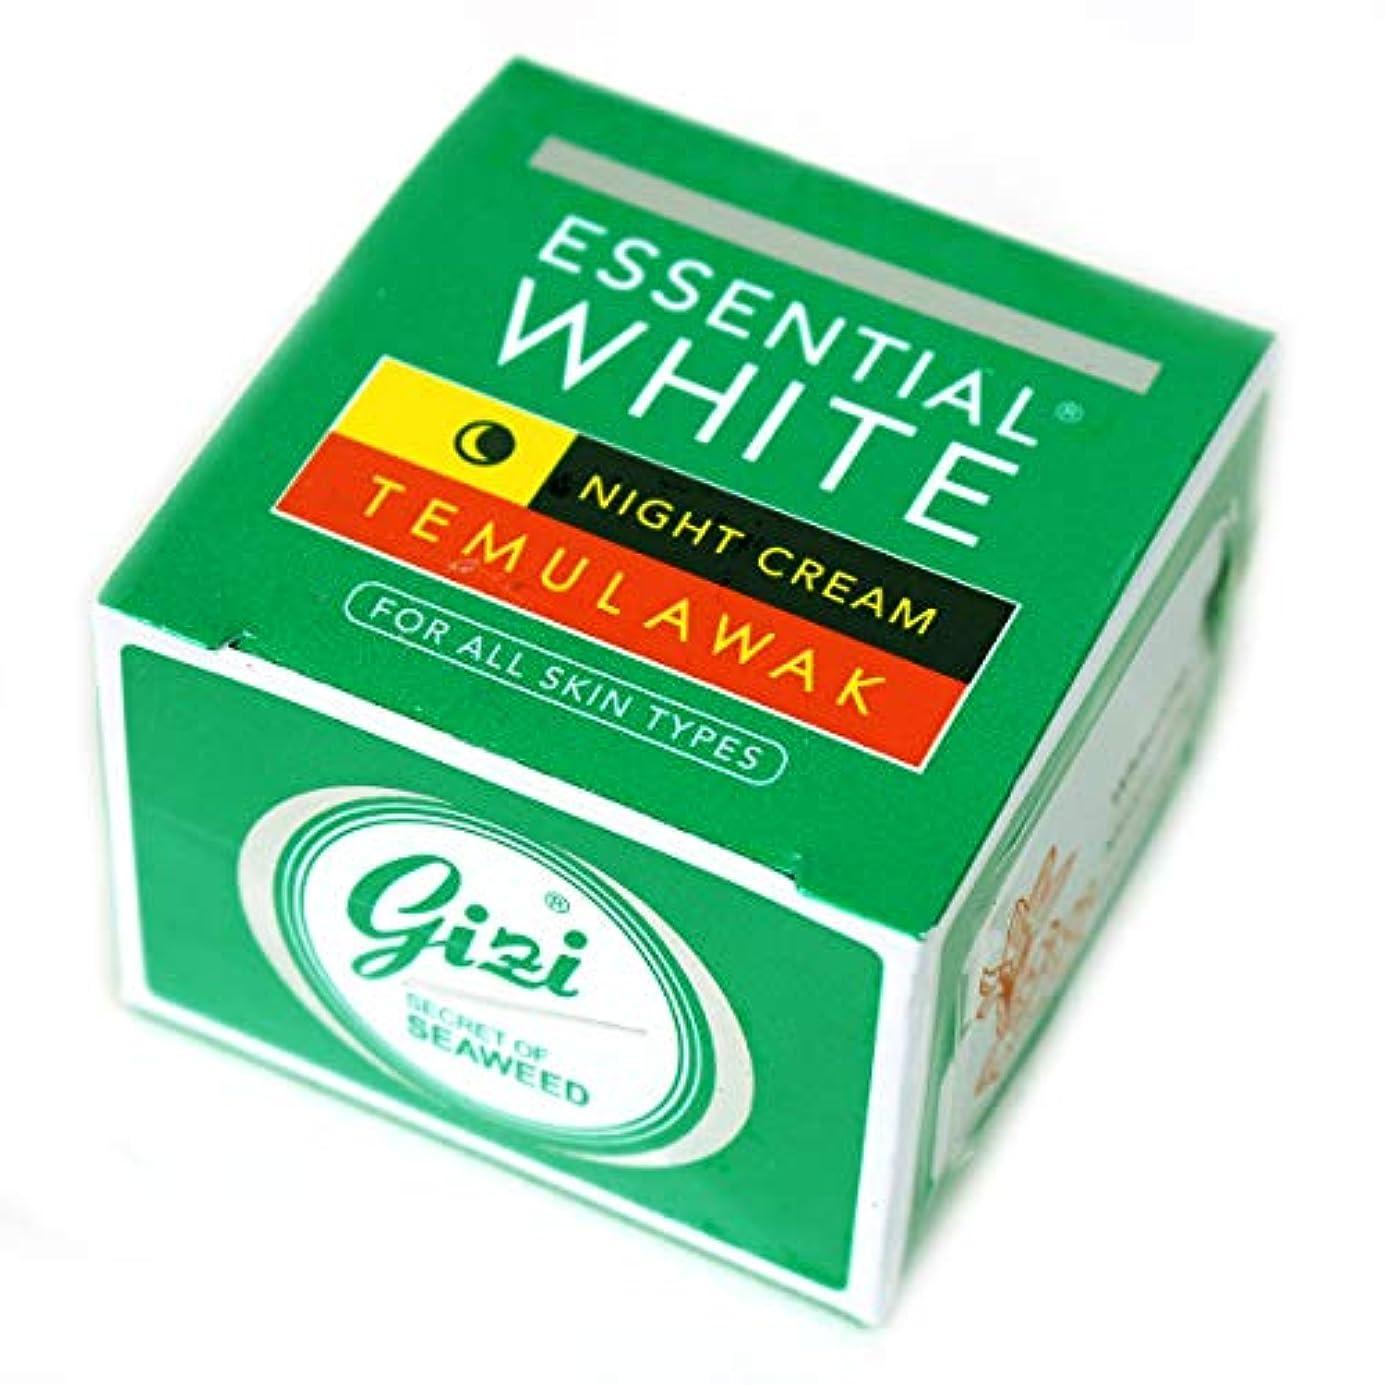 与える膨張する安心させるギジ gizi Essential White ナイト用スキンケアクリーム ボトルタイプ 9g テムラワク ウコン など天然成分配合 [海外直送品]